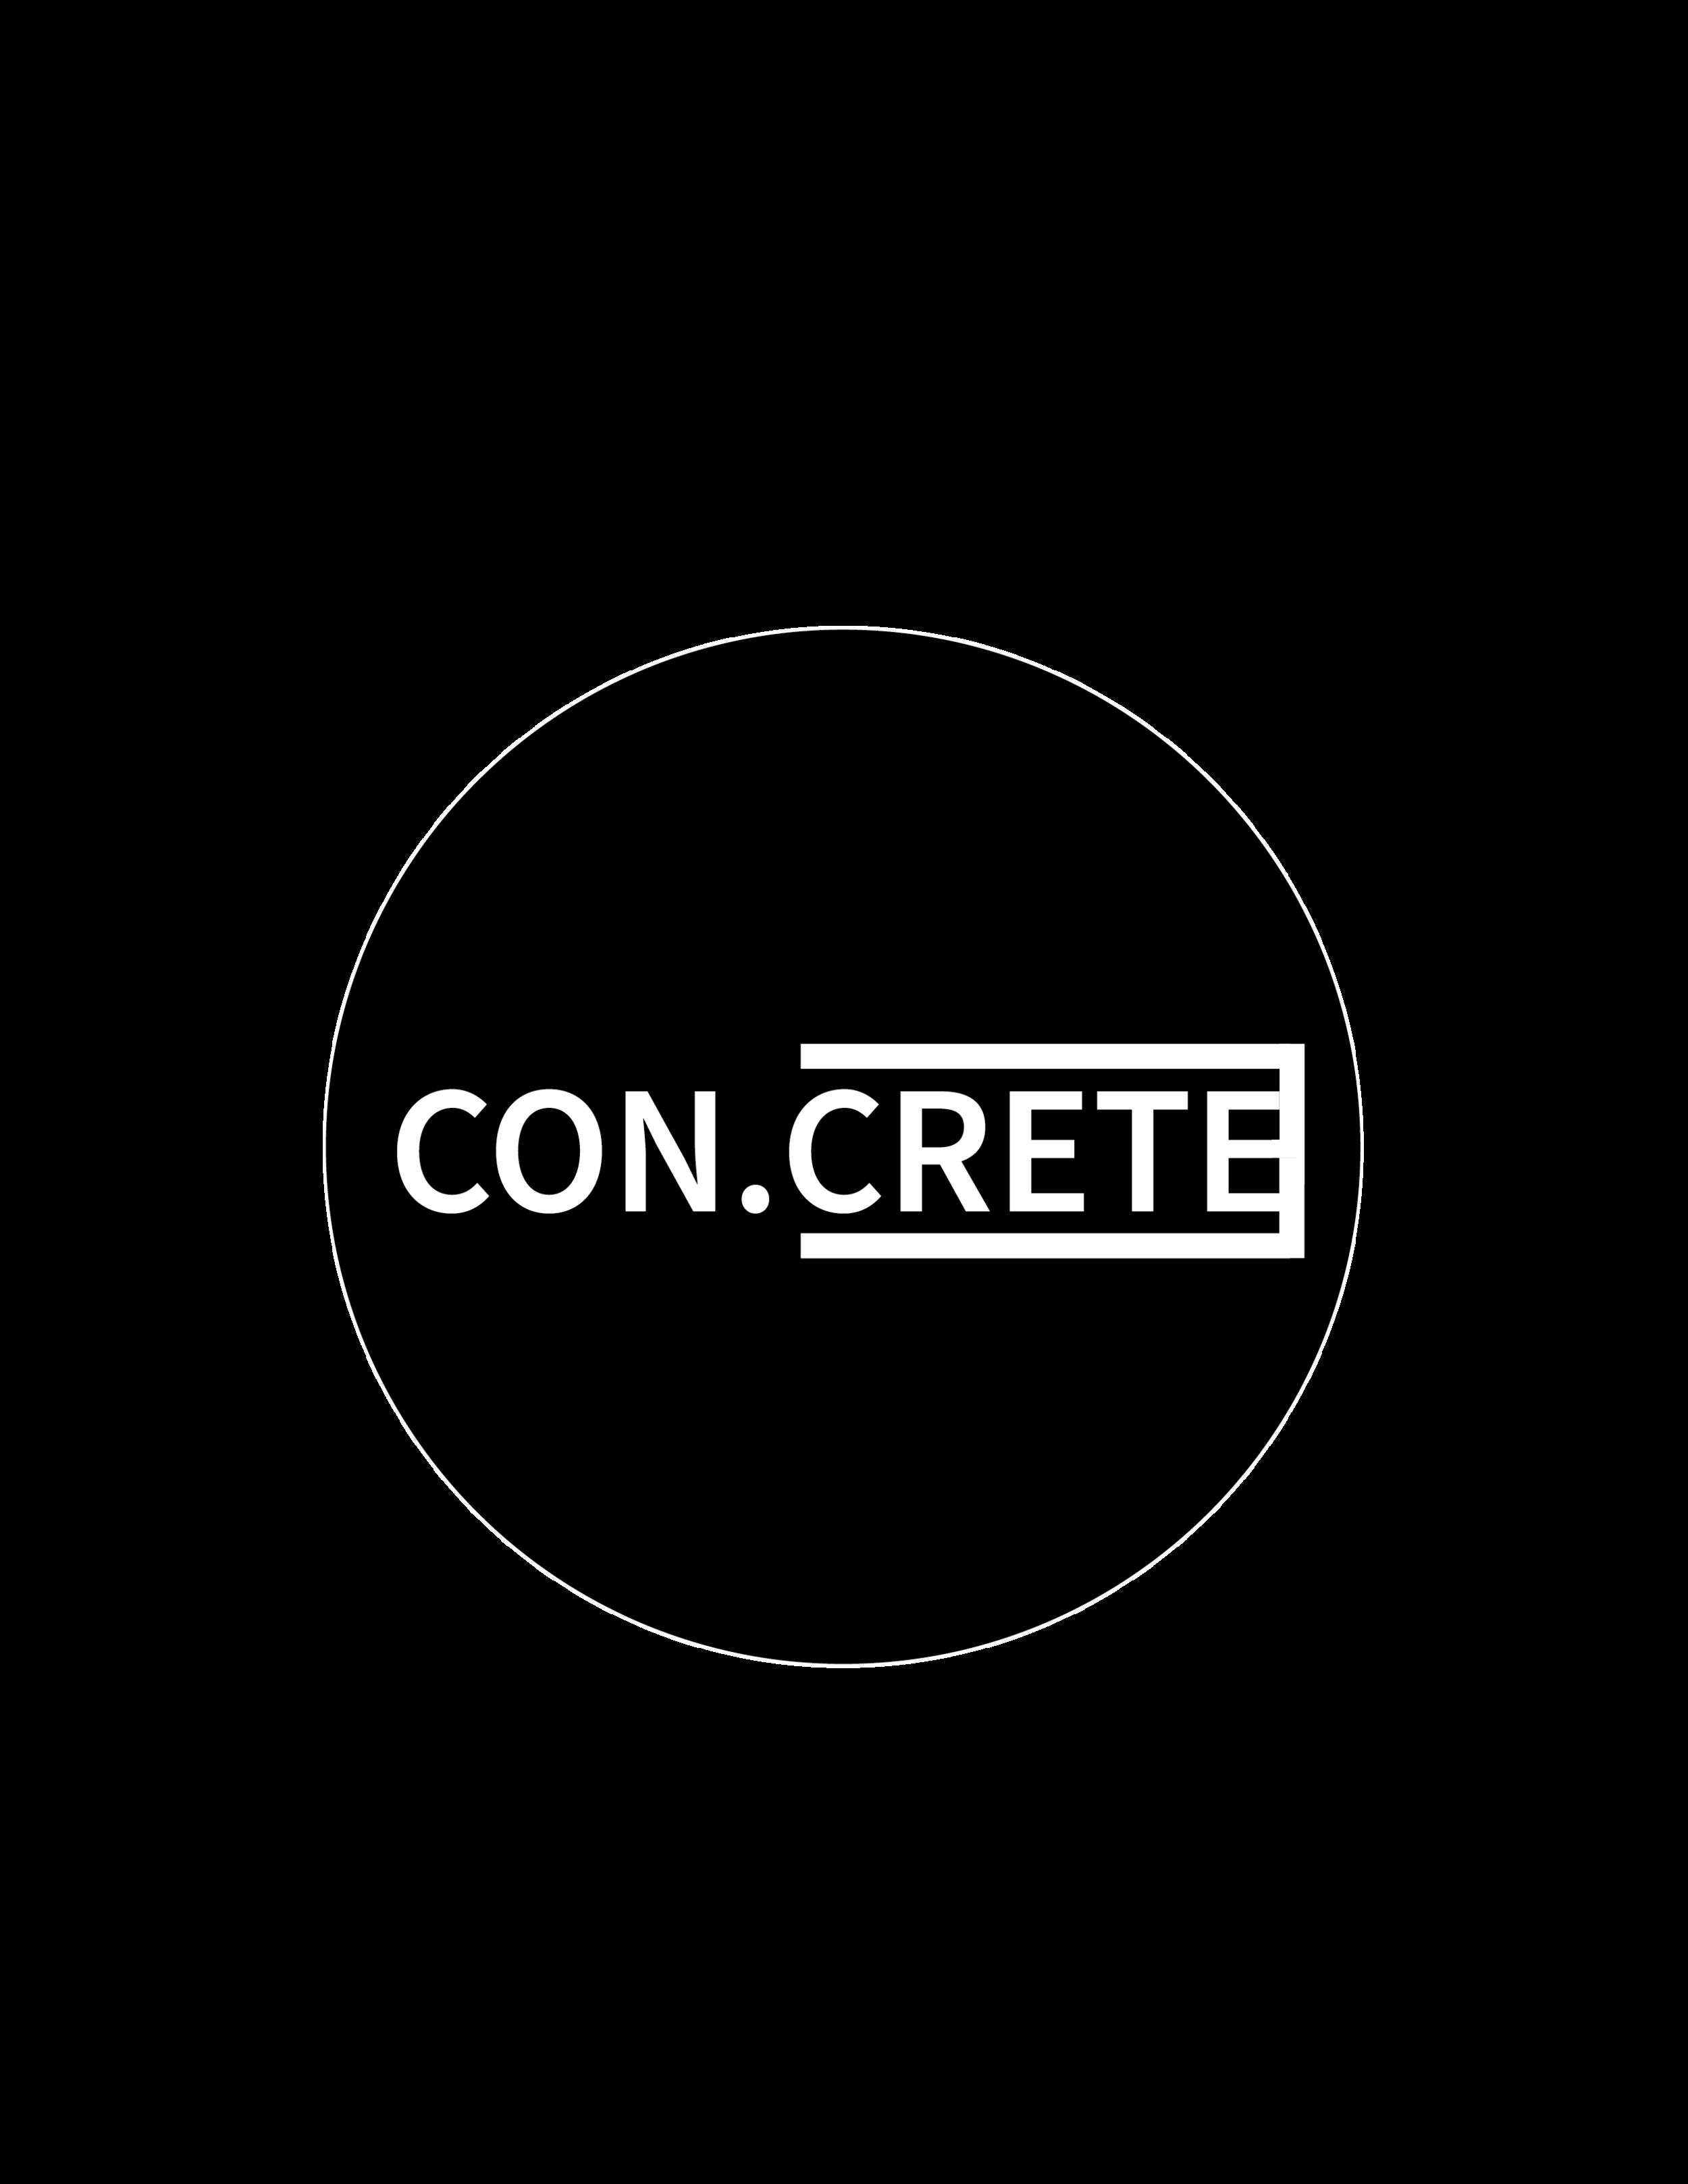 Concrete_logo_black.png